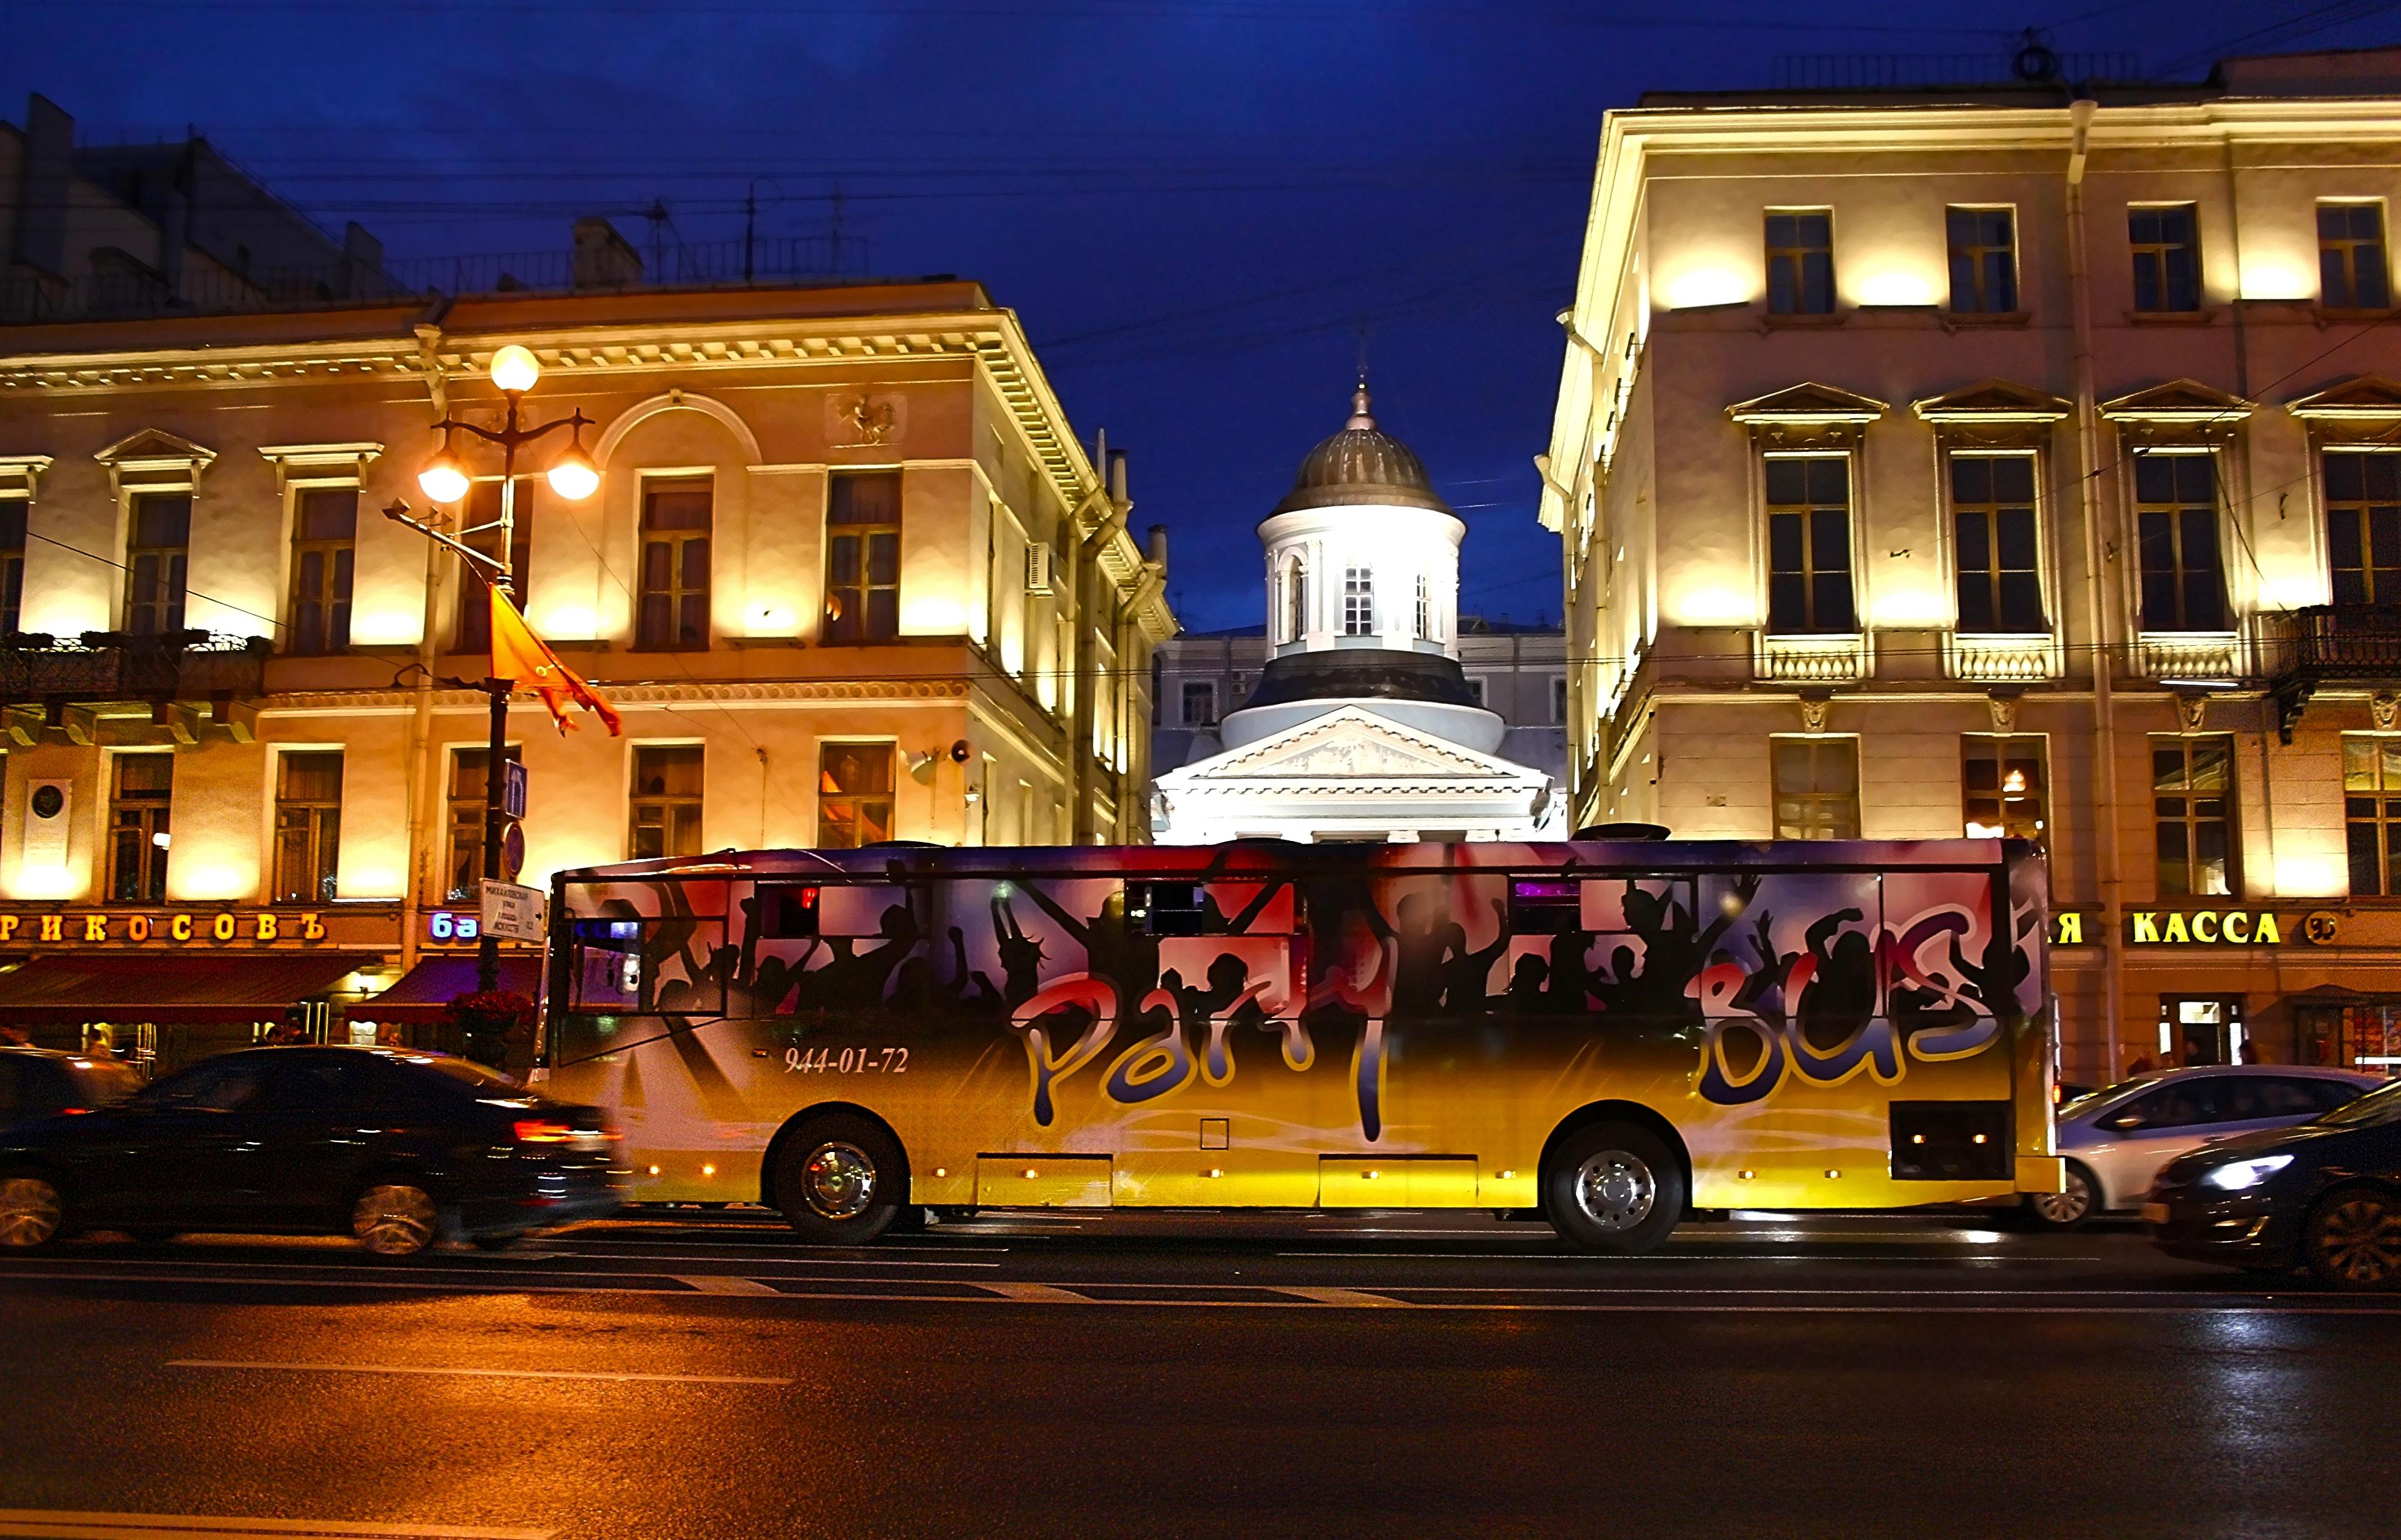 Автобус в любимом городе конкурс фотографий